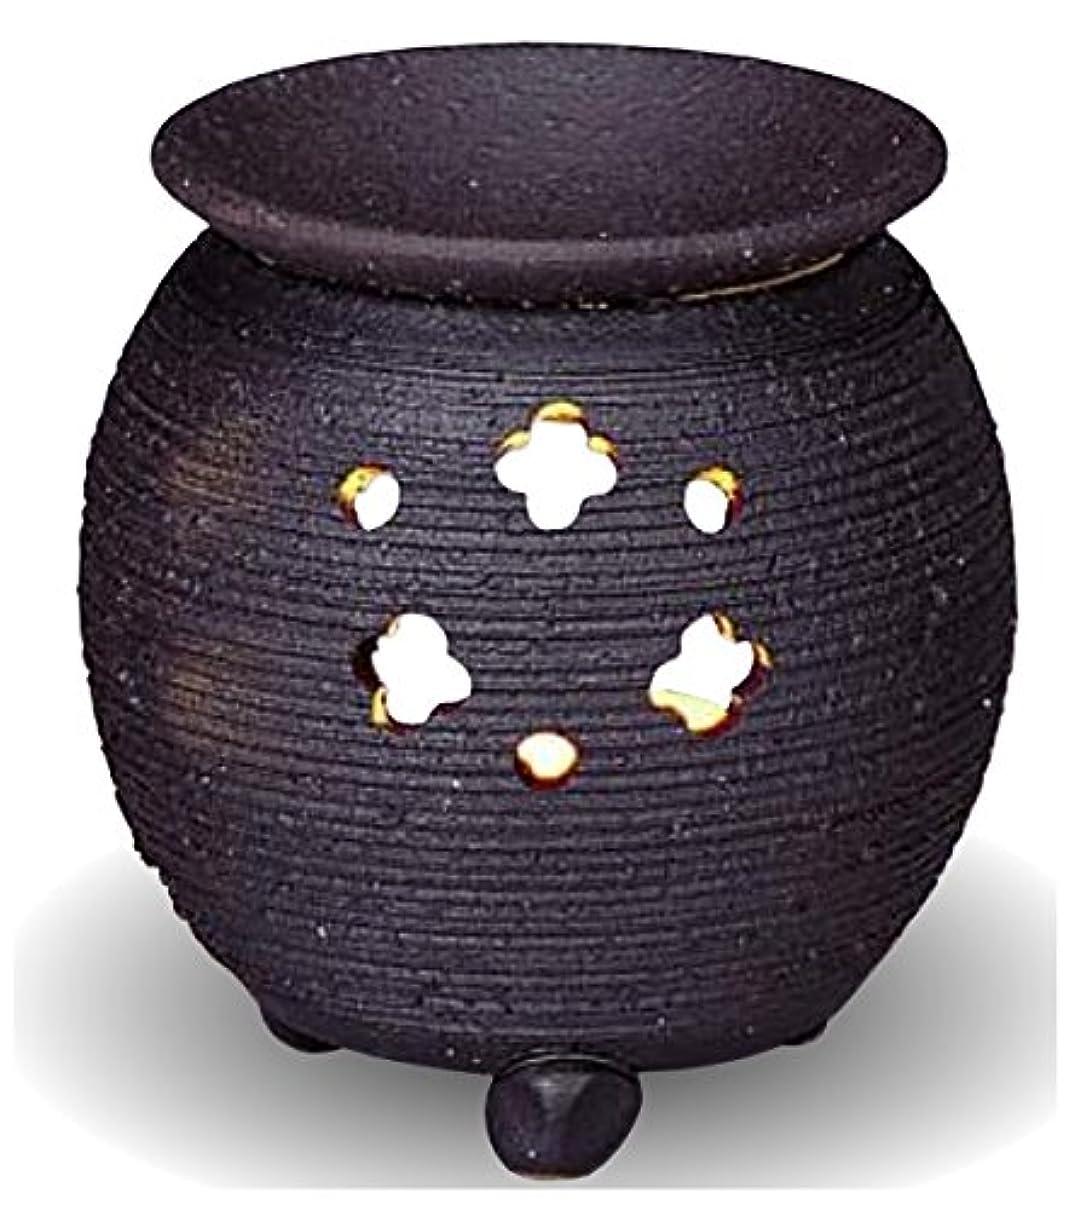 コークス終了する注目すべき常滑焼 茶香炉(アロマポット)径10×高さ10.5cm